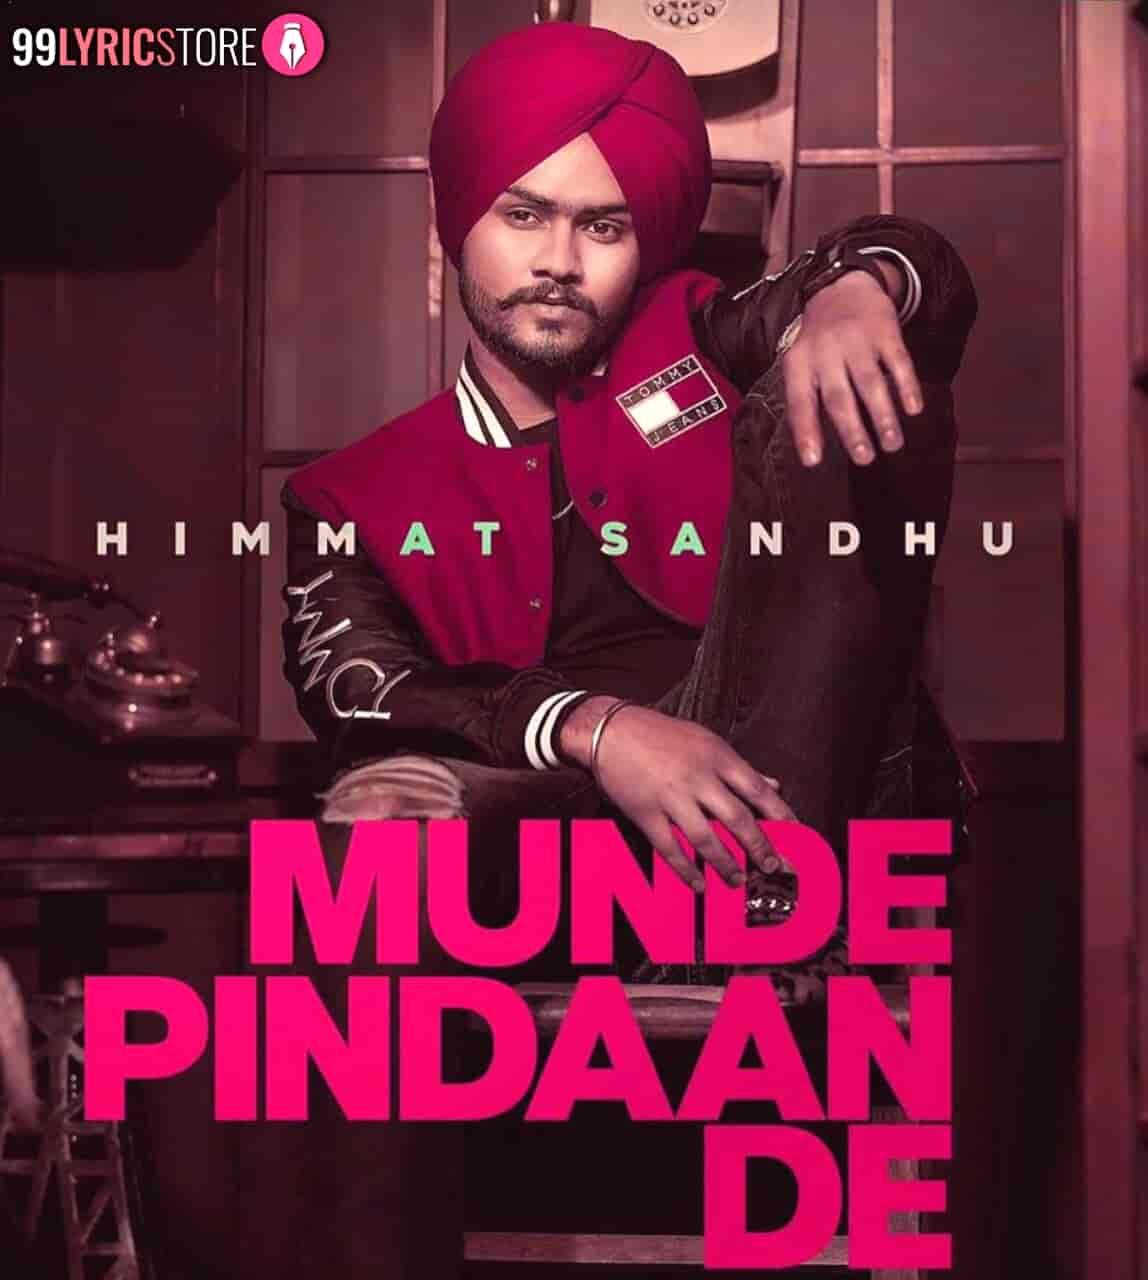 Munde Pindaan De punjabi song images by Himmat Sandhu